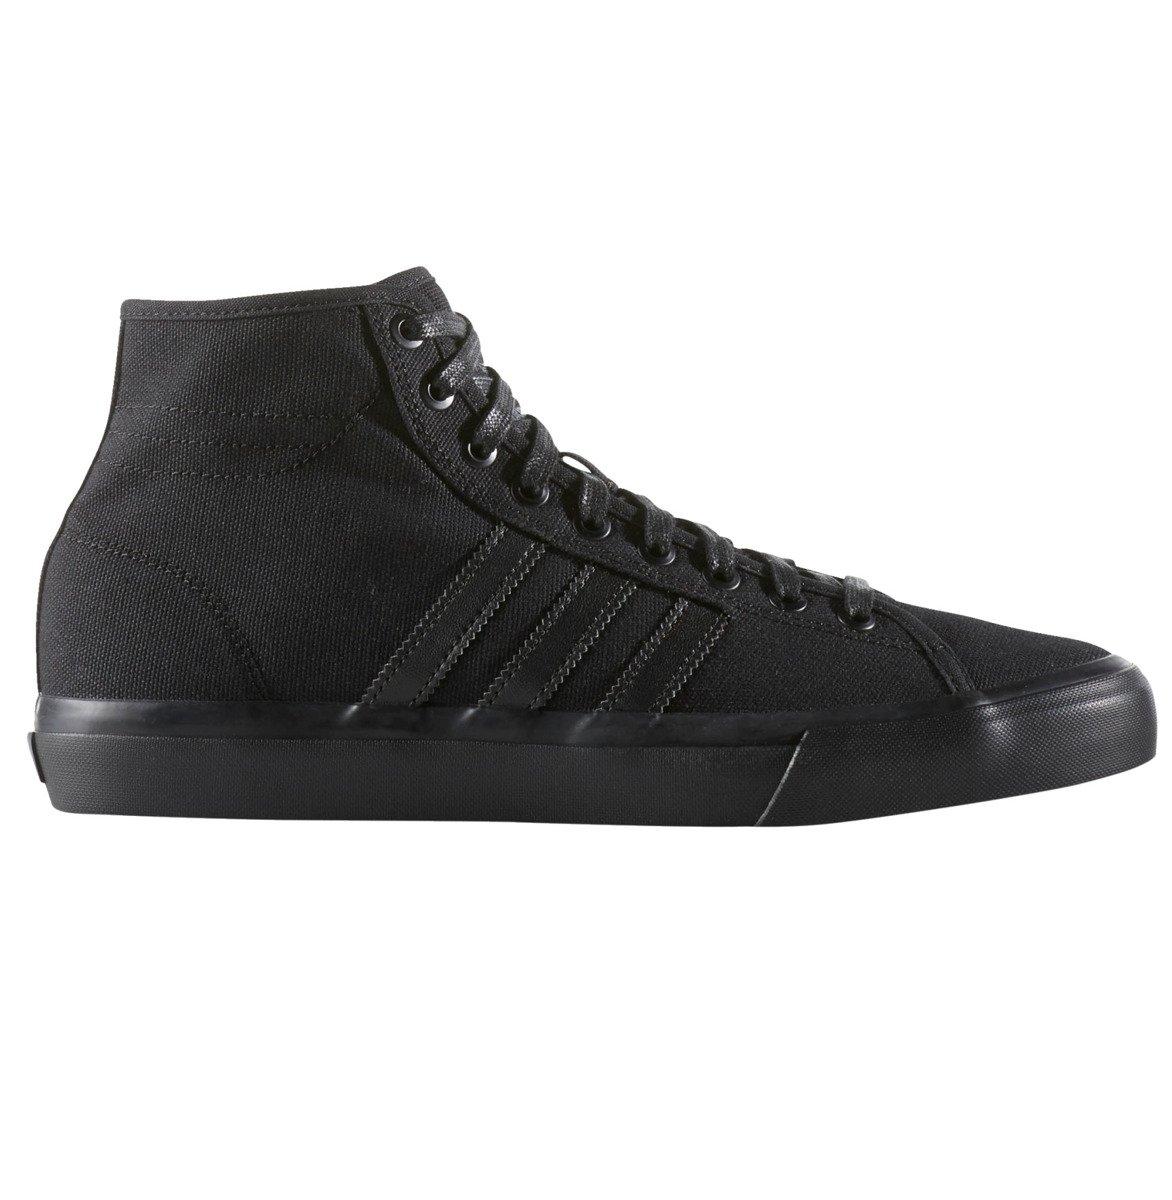 buty adidas skateboarding matchcourt high